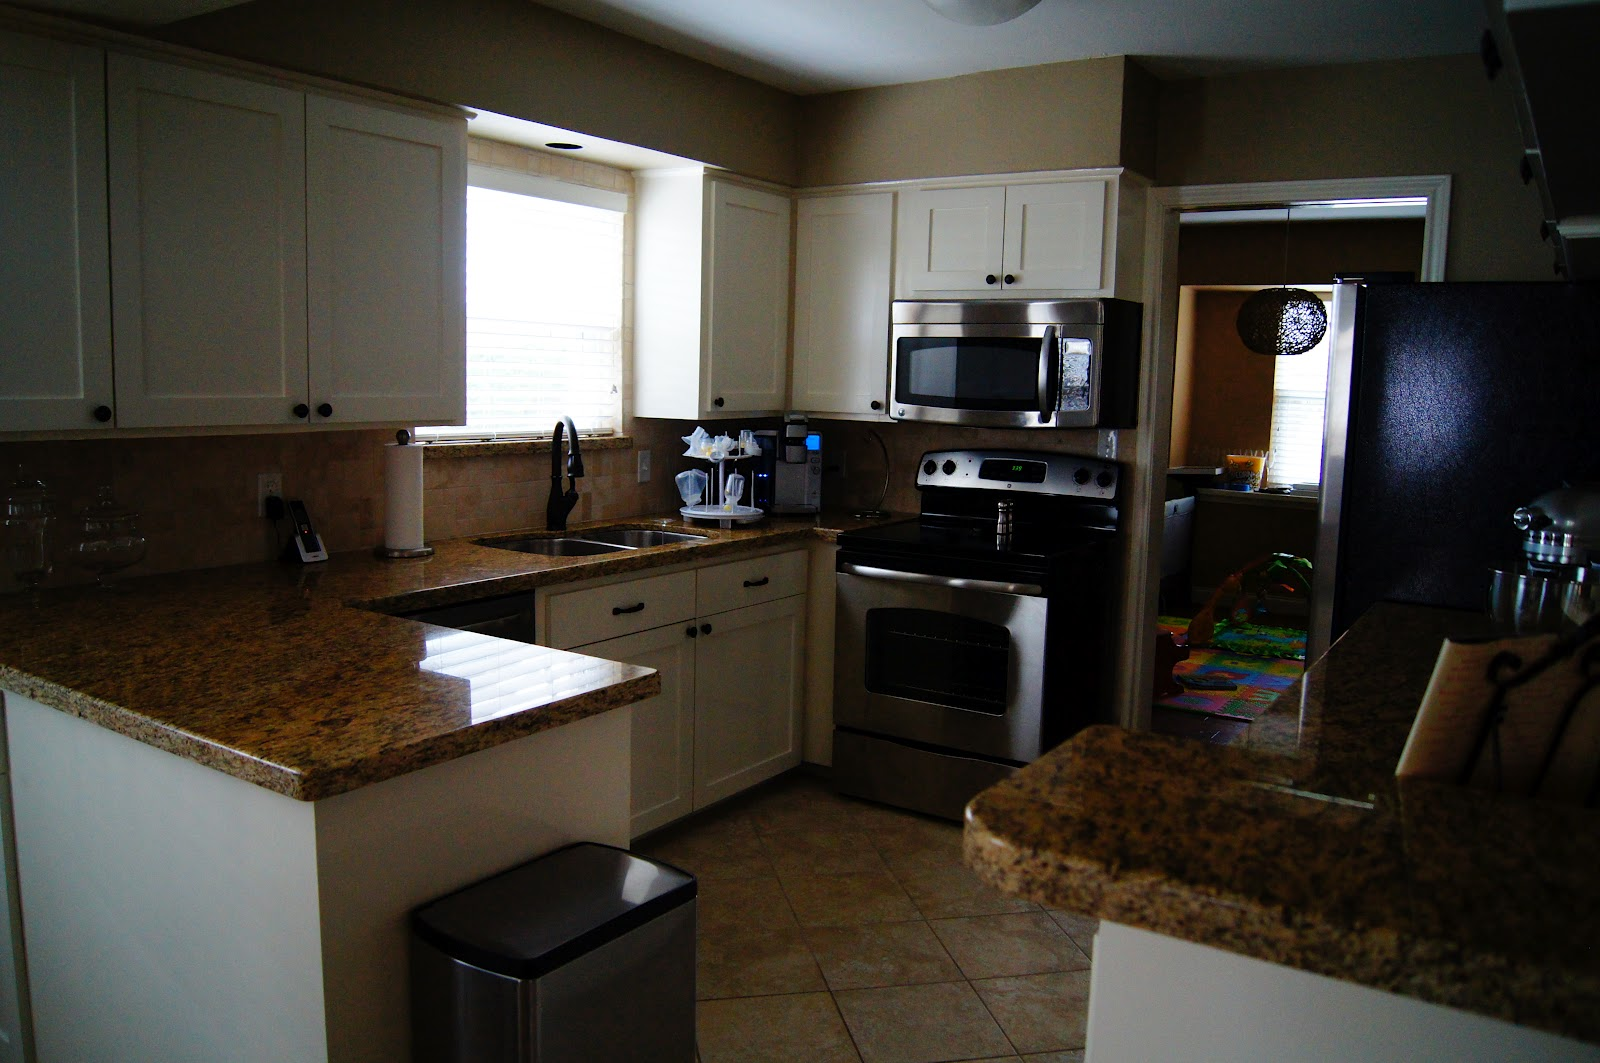 Granite countertops (Santa Cecilia), Shaker Style cabinets, Tumbled